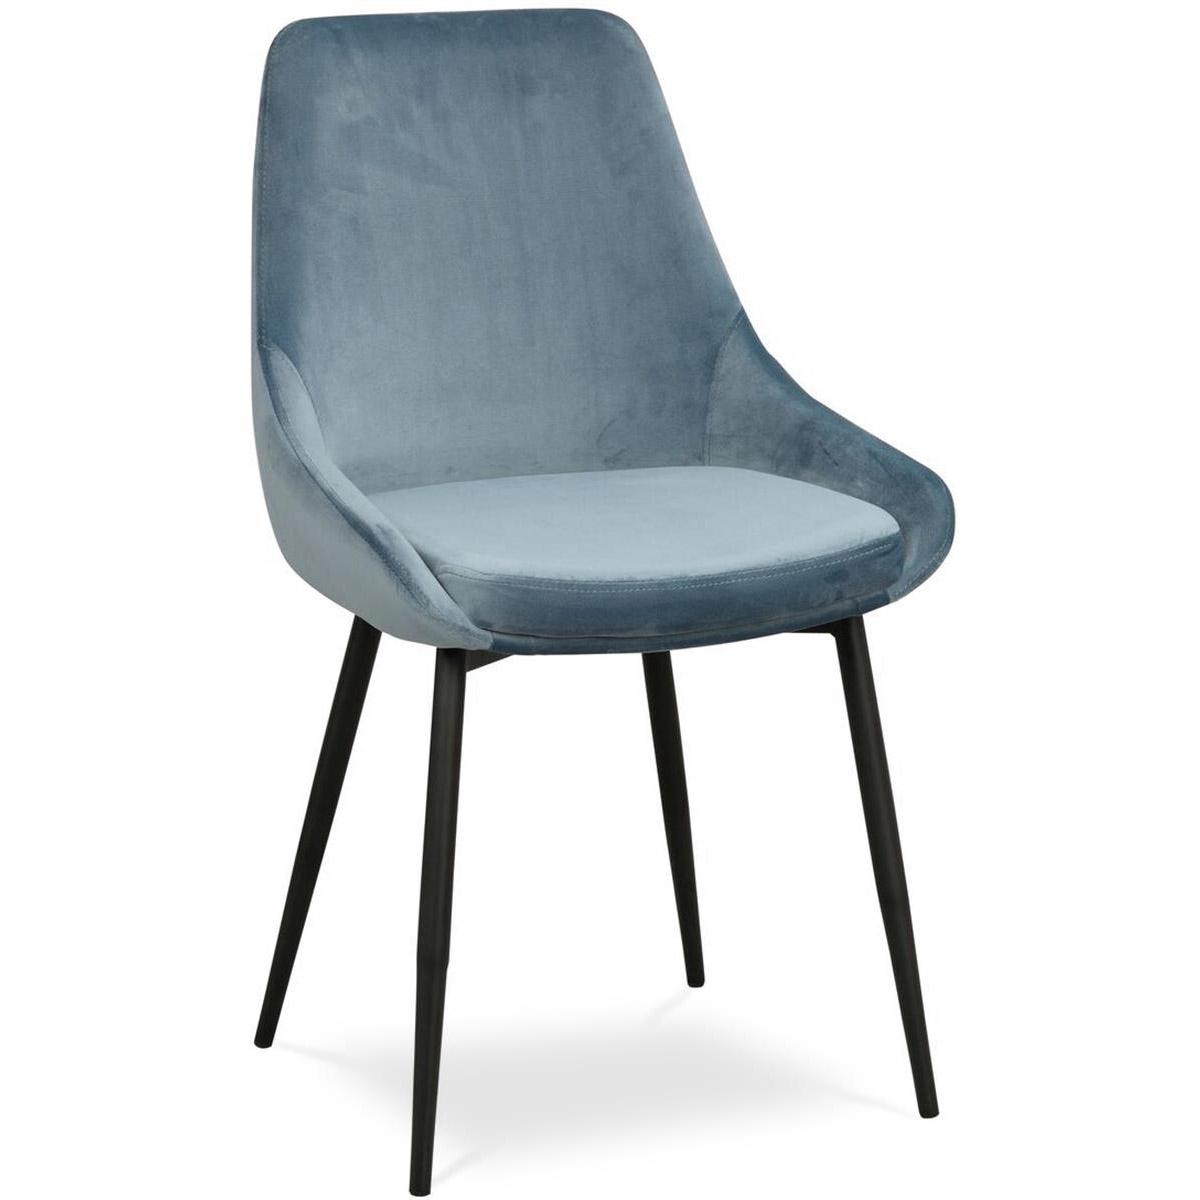 Ebbot stol sammet blå